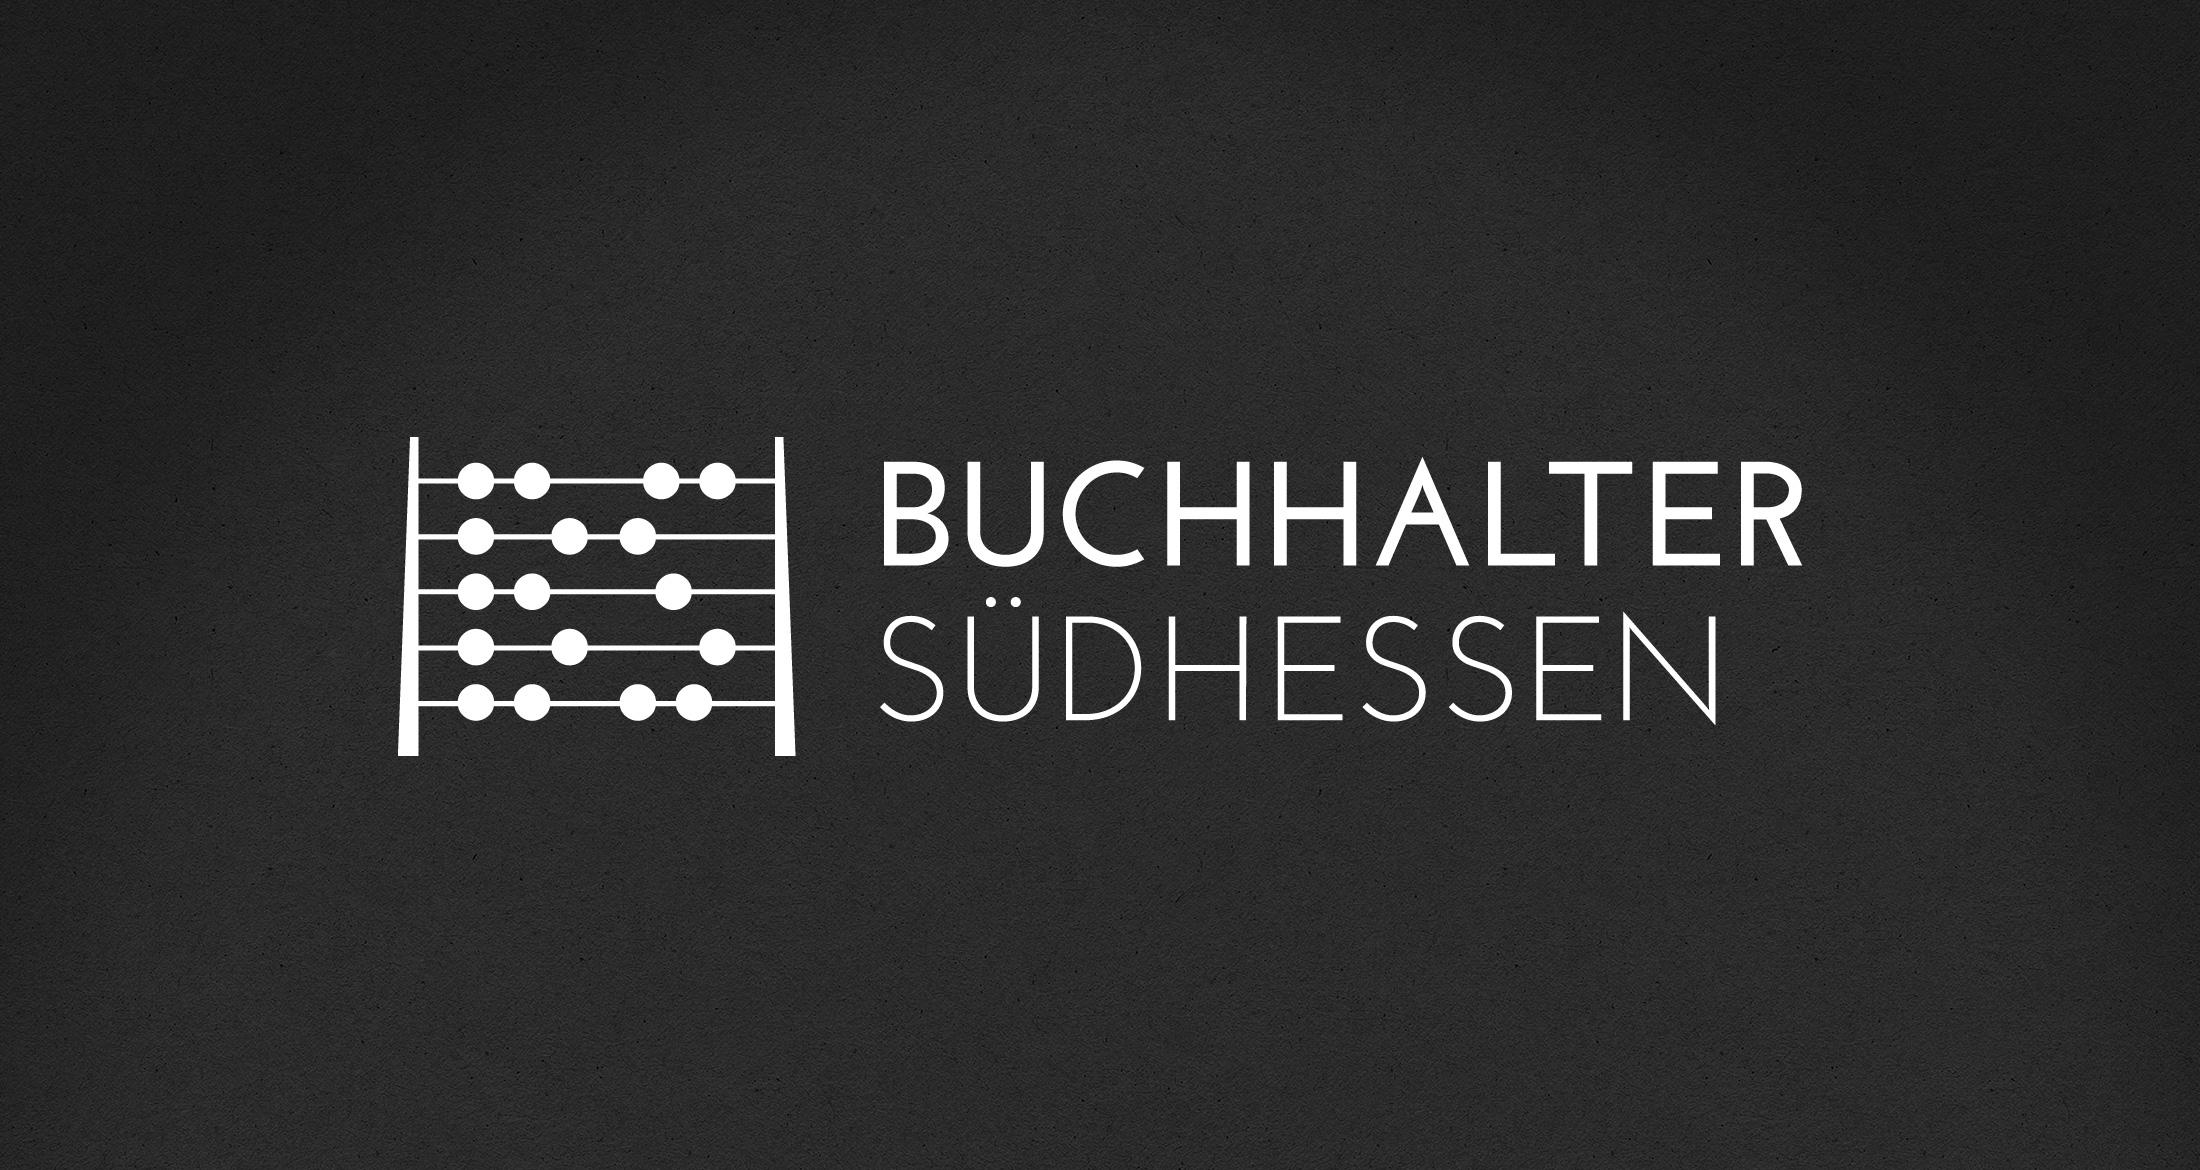 Logo Buchhalter Südhessen, 1-farbig weiß (negativ)